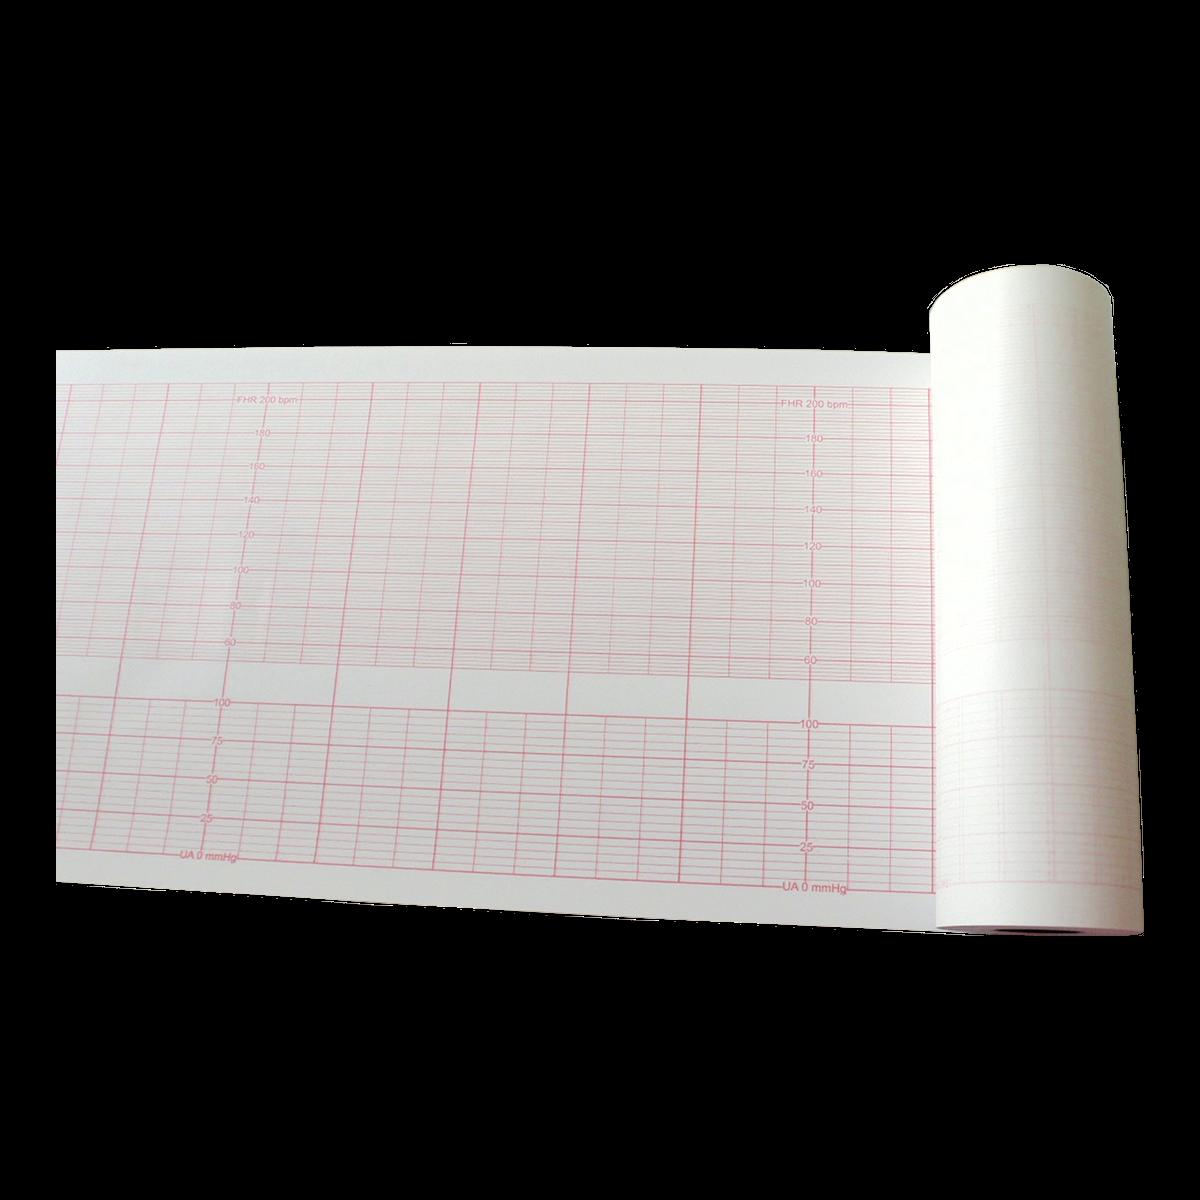 151х24х16, бумага КТГ для BIONET Fetacare 1400, реестр 4082